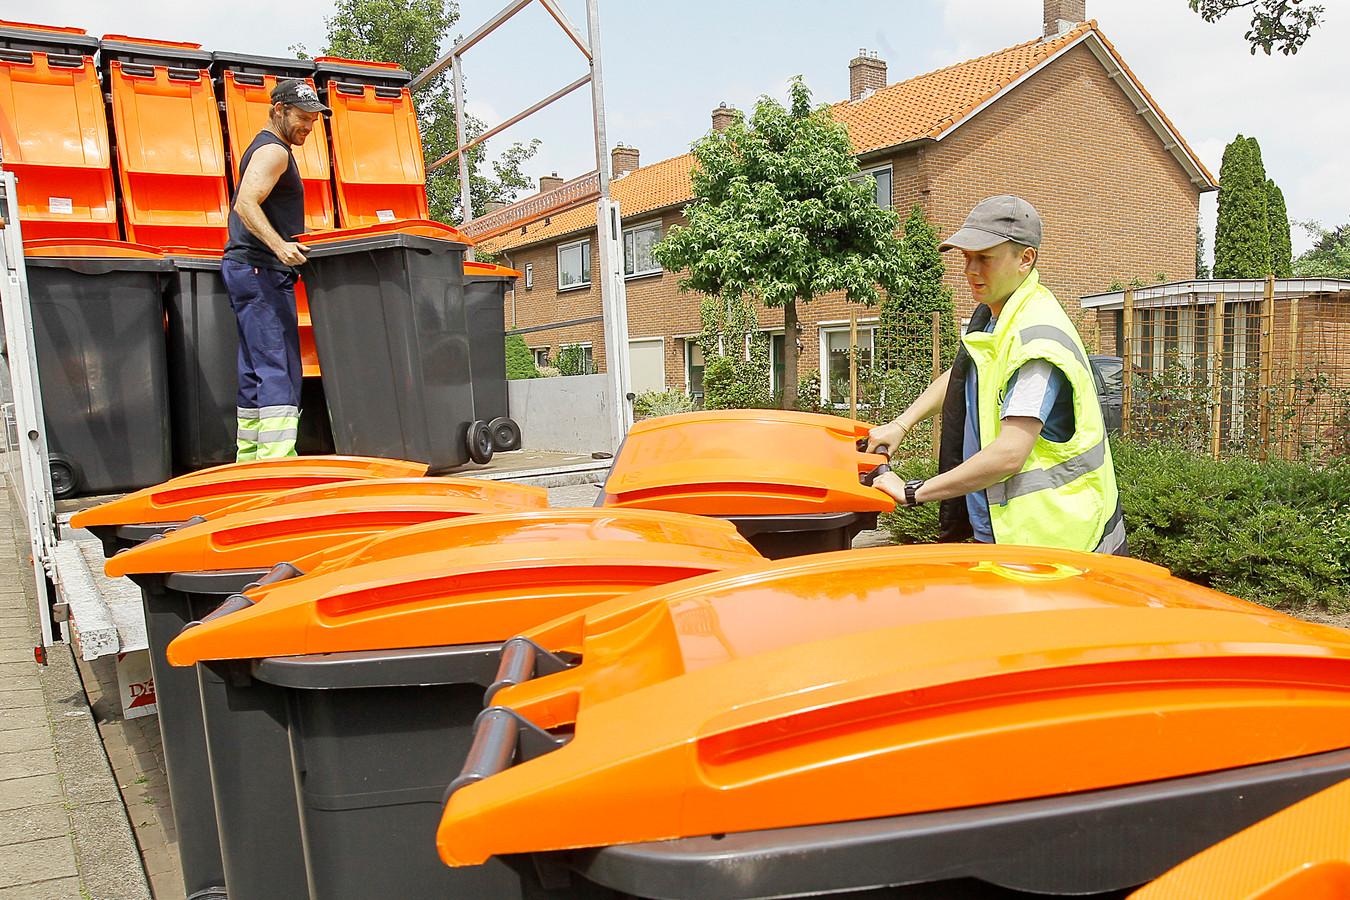 De containers voor plastic, metaal en pakken zijn zes jaar geleden al ingevoerd in onder meer Bronckhorst. Ook Berkelland gaat de bakken invoeren.